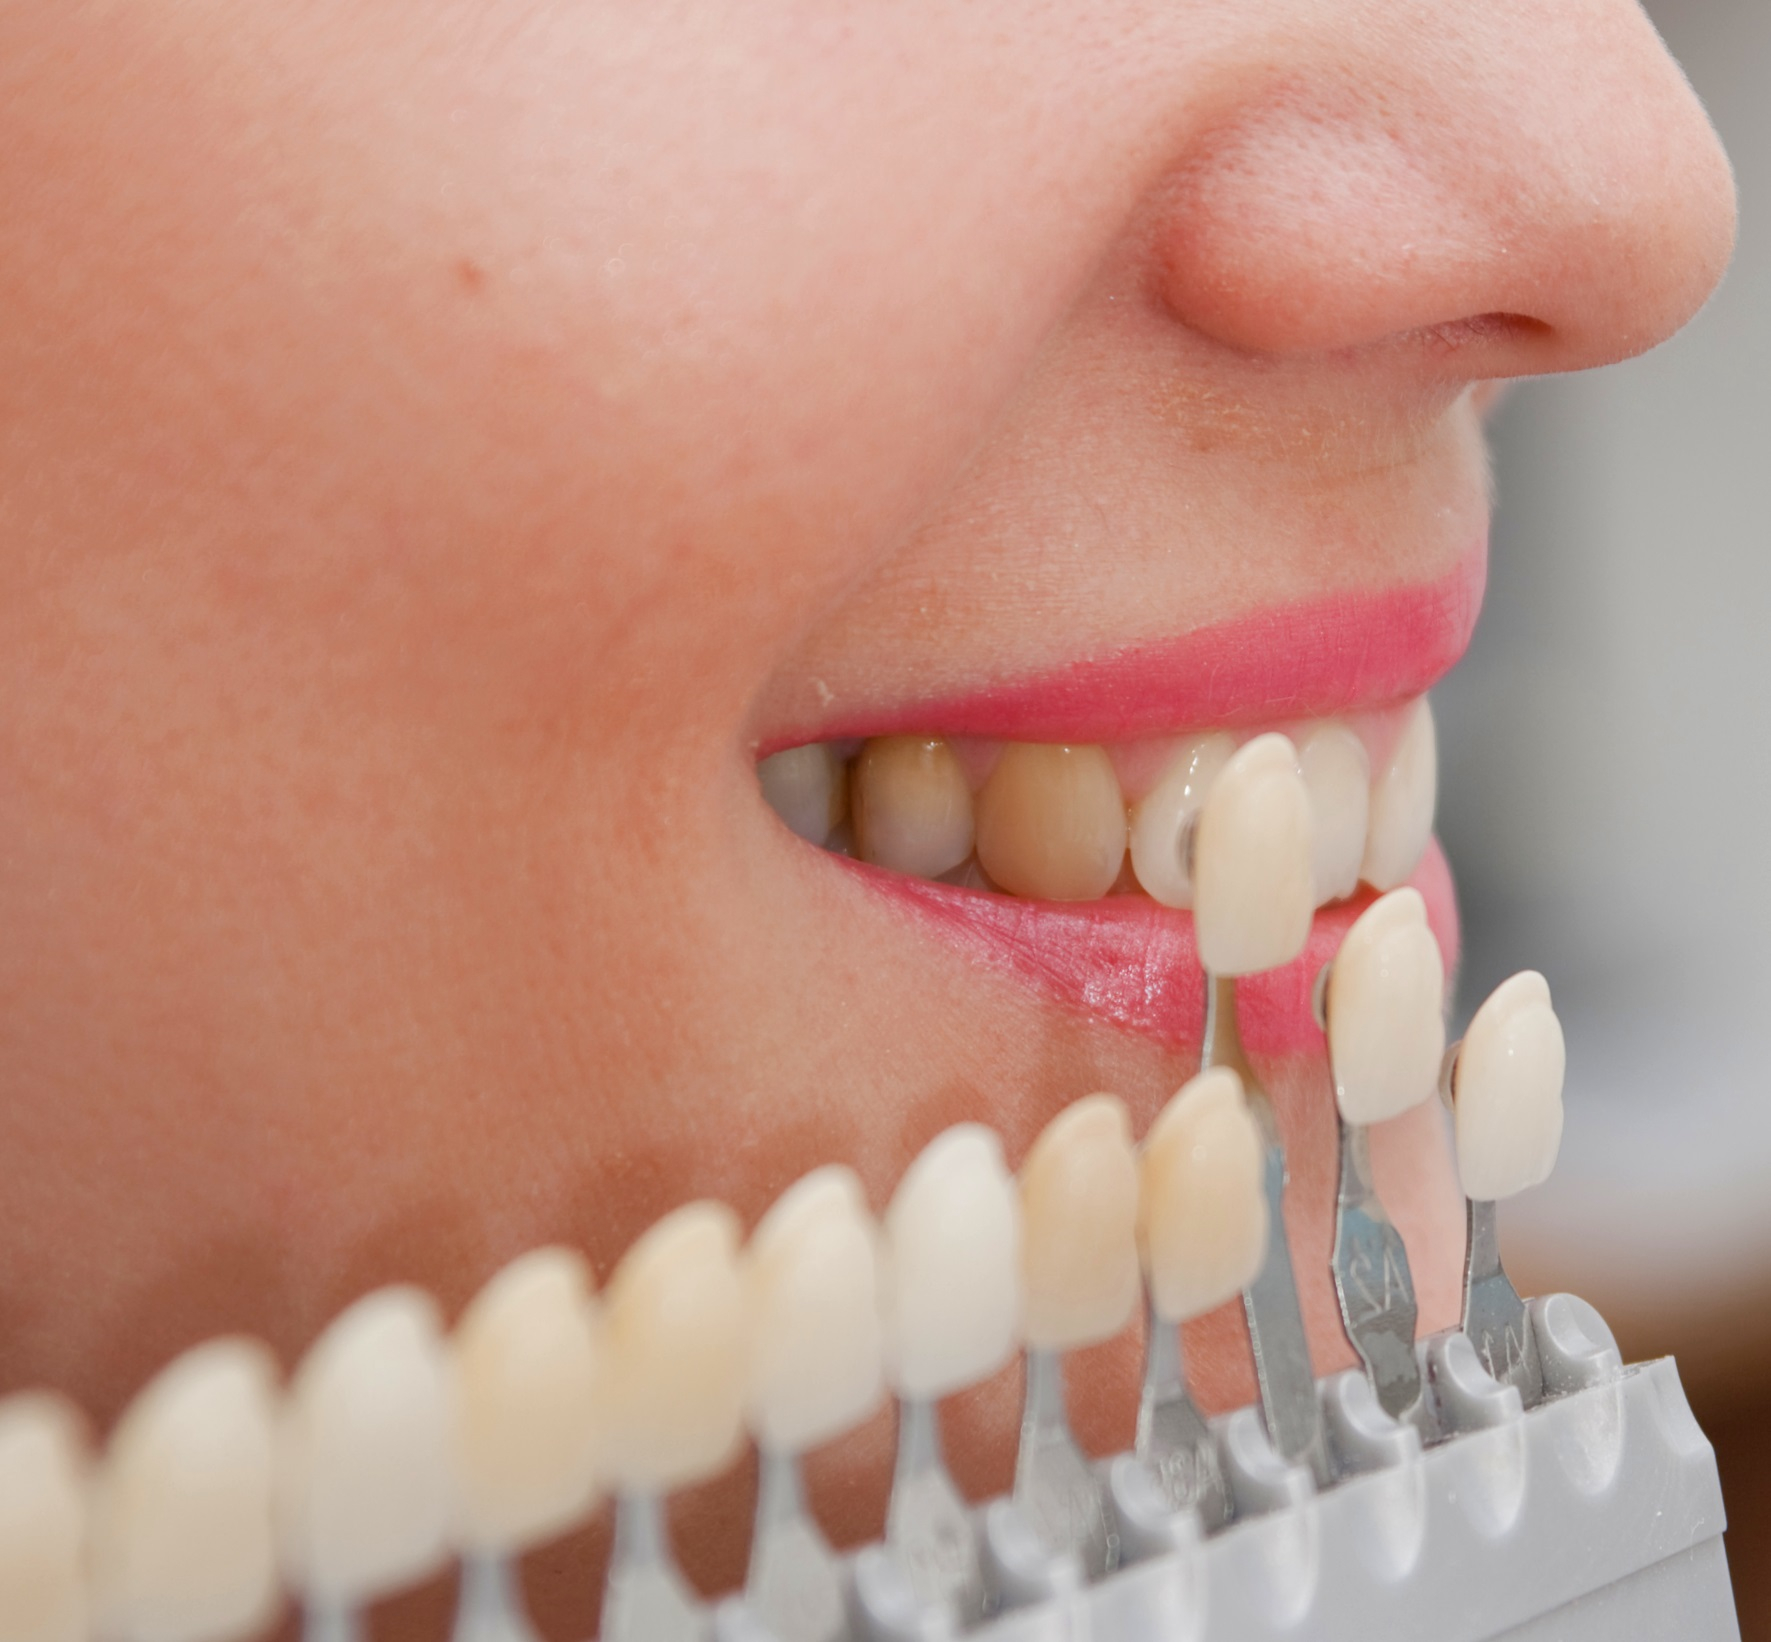 можно ли ставить виниры на нижние зубы